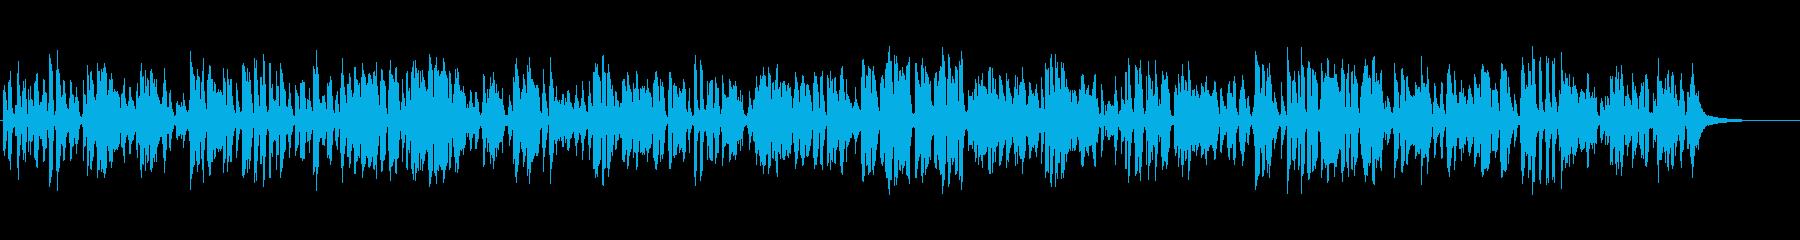 明るく楽しい大正ロマンクラリネットジャズの再生済みの波形